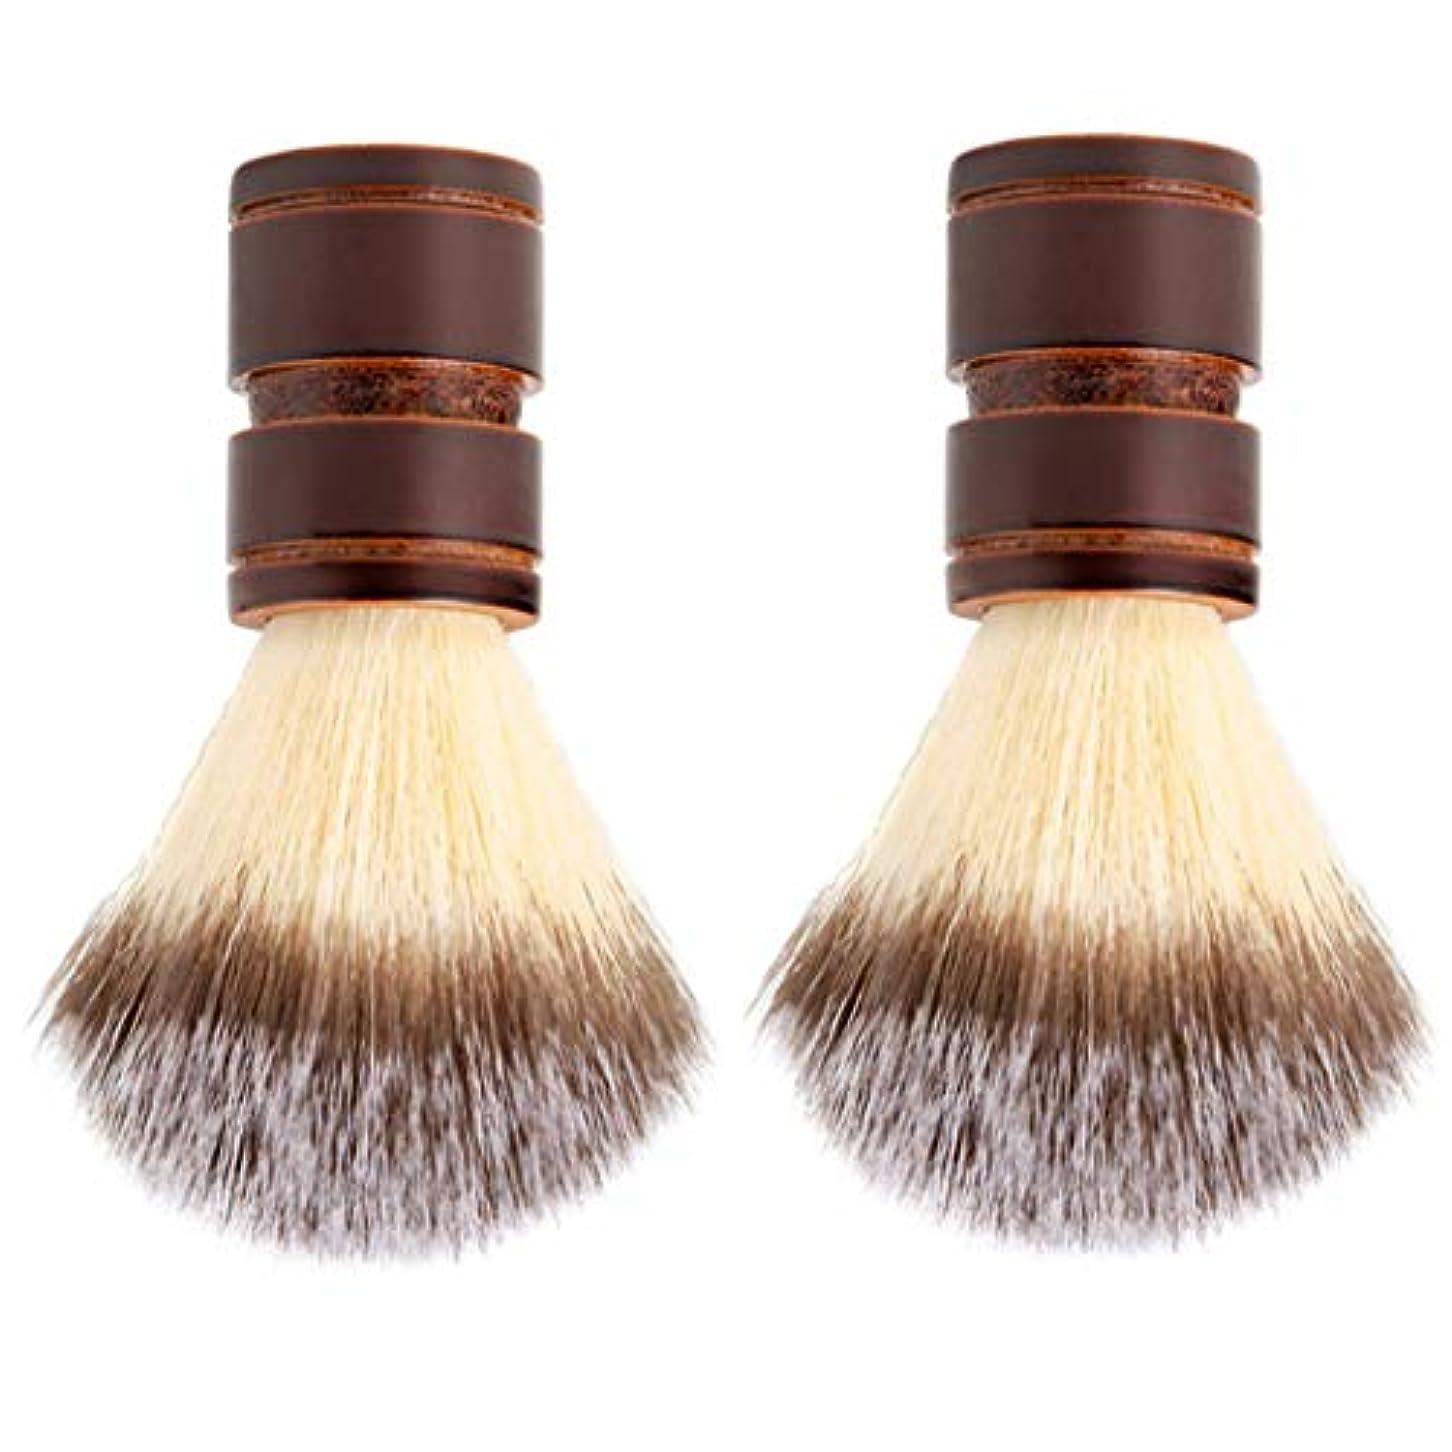 純正変装した想像するdailymall 木のハンドルが付いている2xナイロン毛の剃るブラシ個人的な専門の剃る